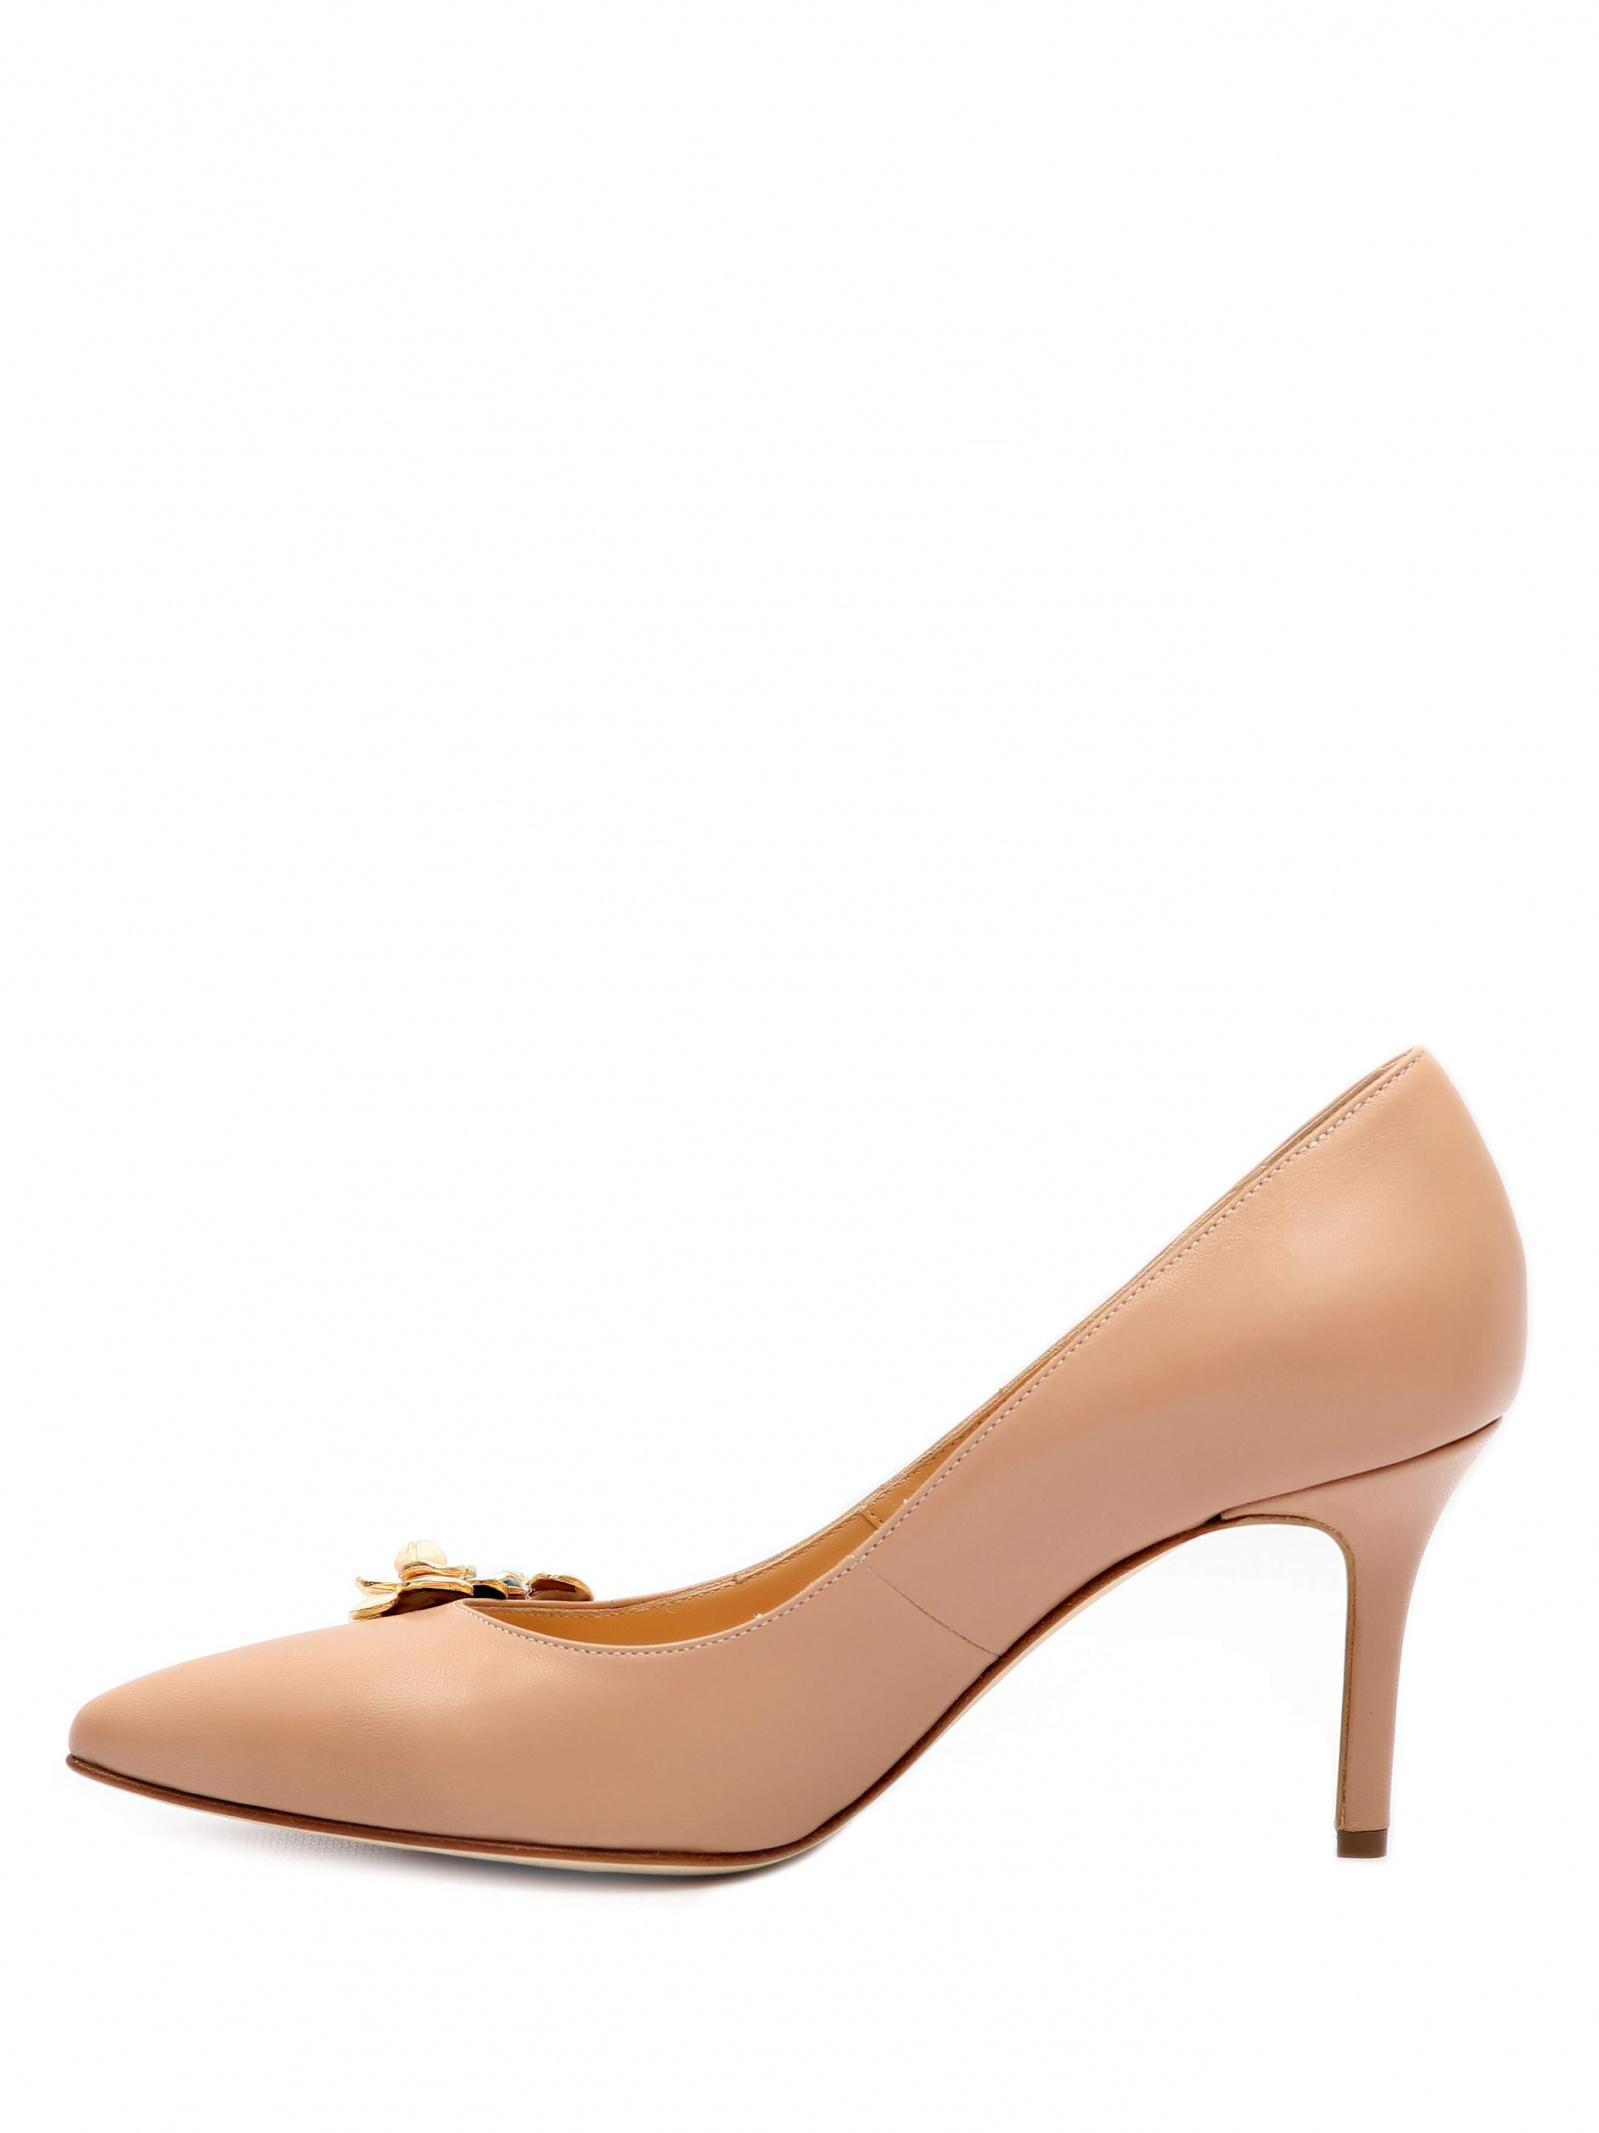 Туфлі  жіночі SITELLE ZOI70BEI ціна, 2017